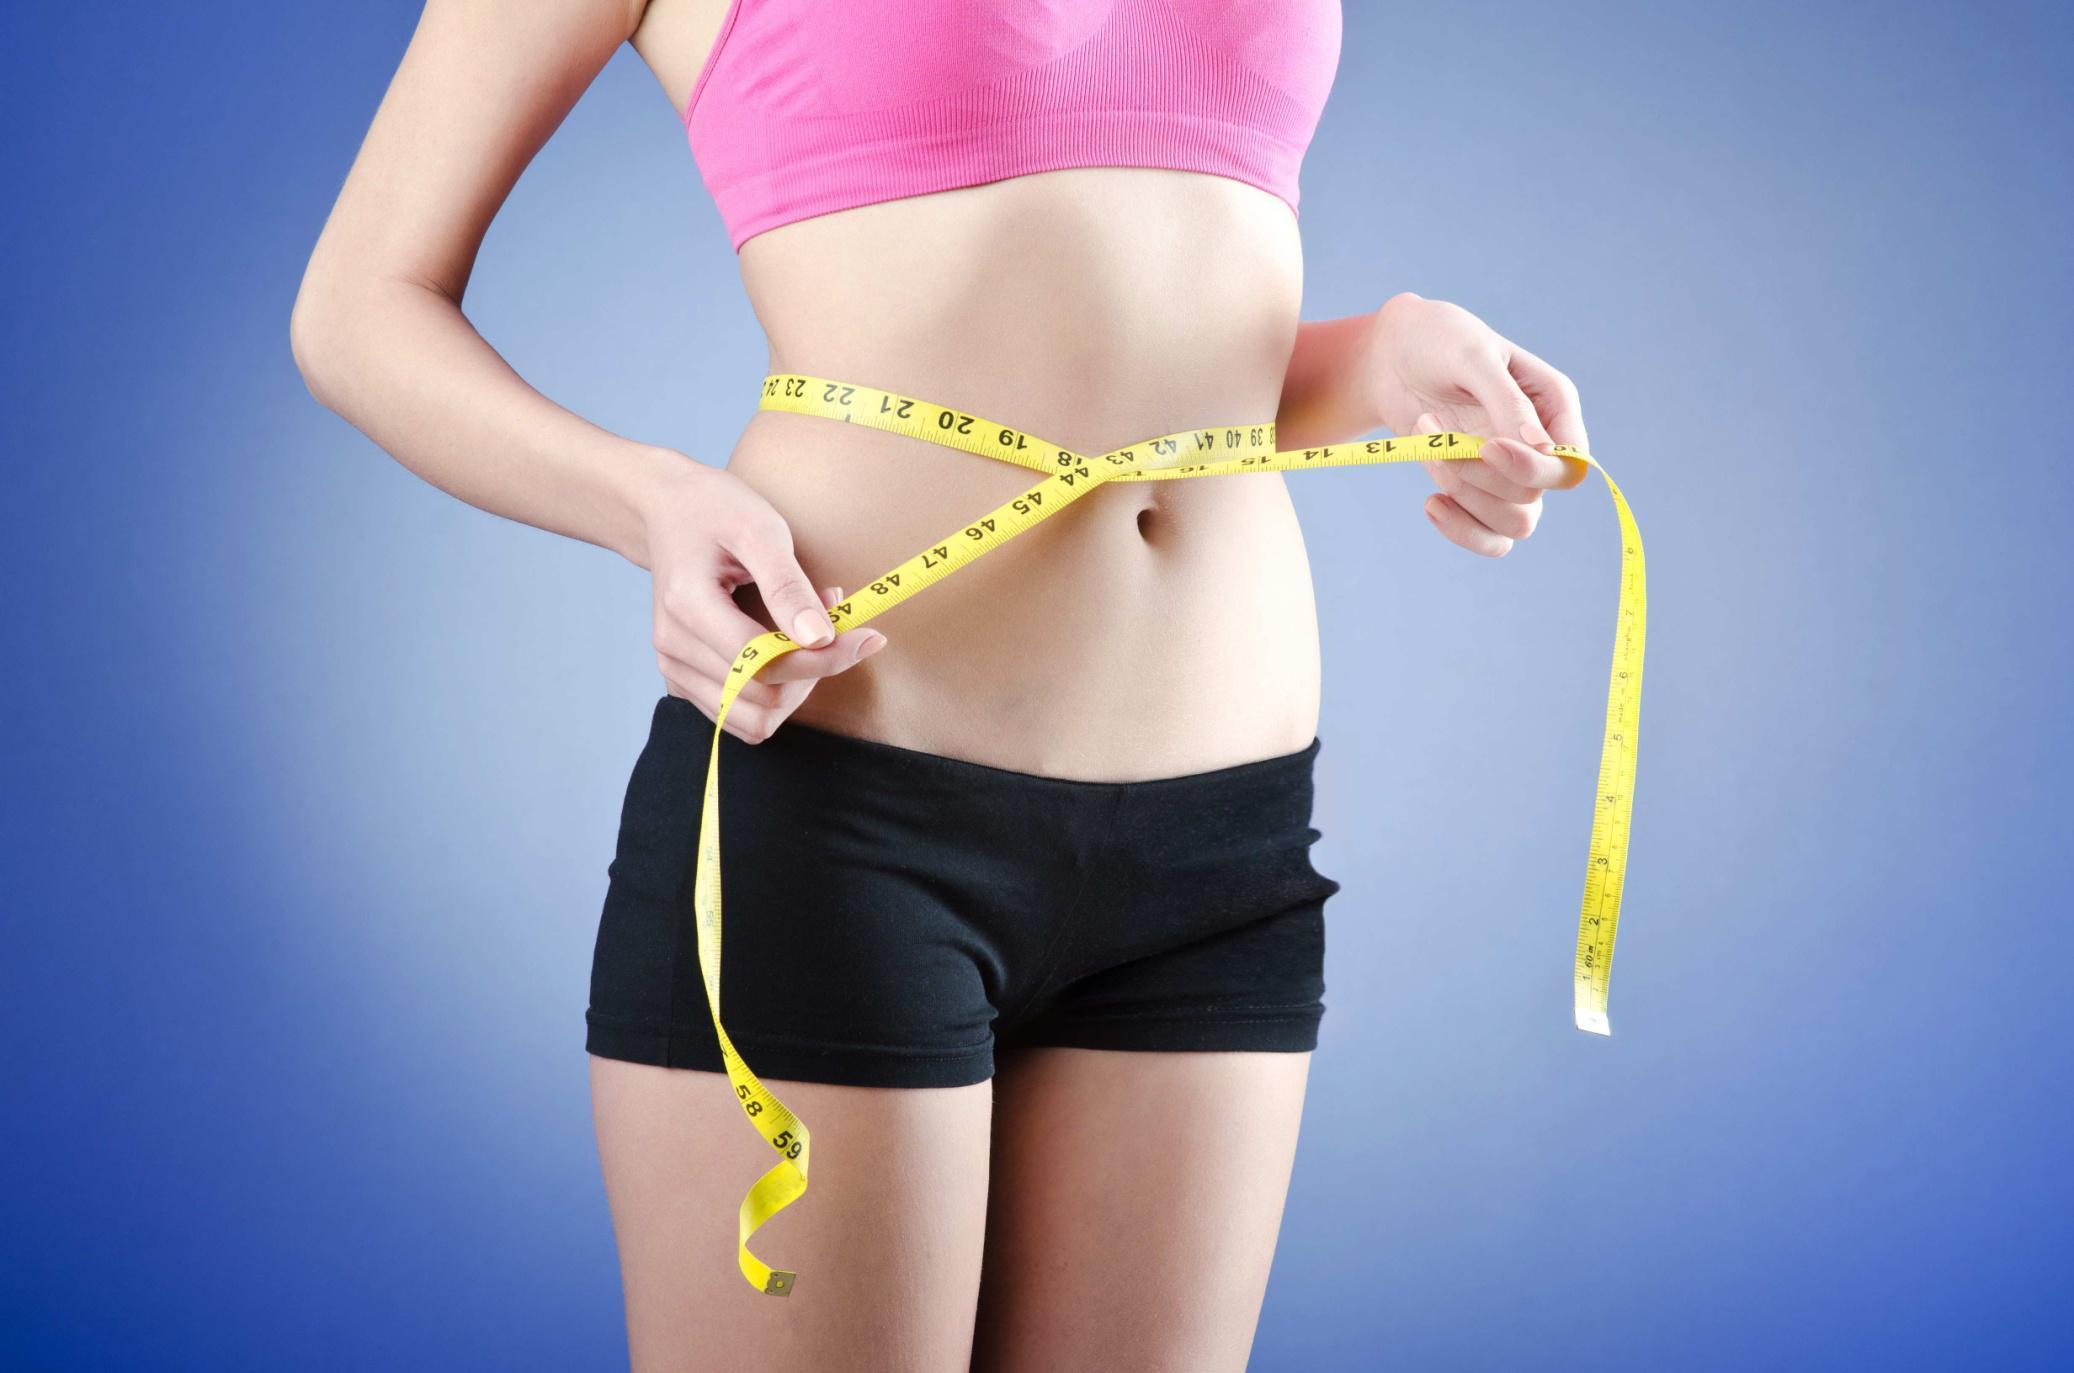 Правильно Сбросить Лишний Вес. 51 способ с чего начать похудение прямо сейчас